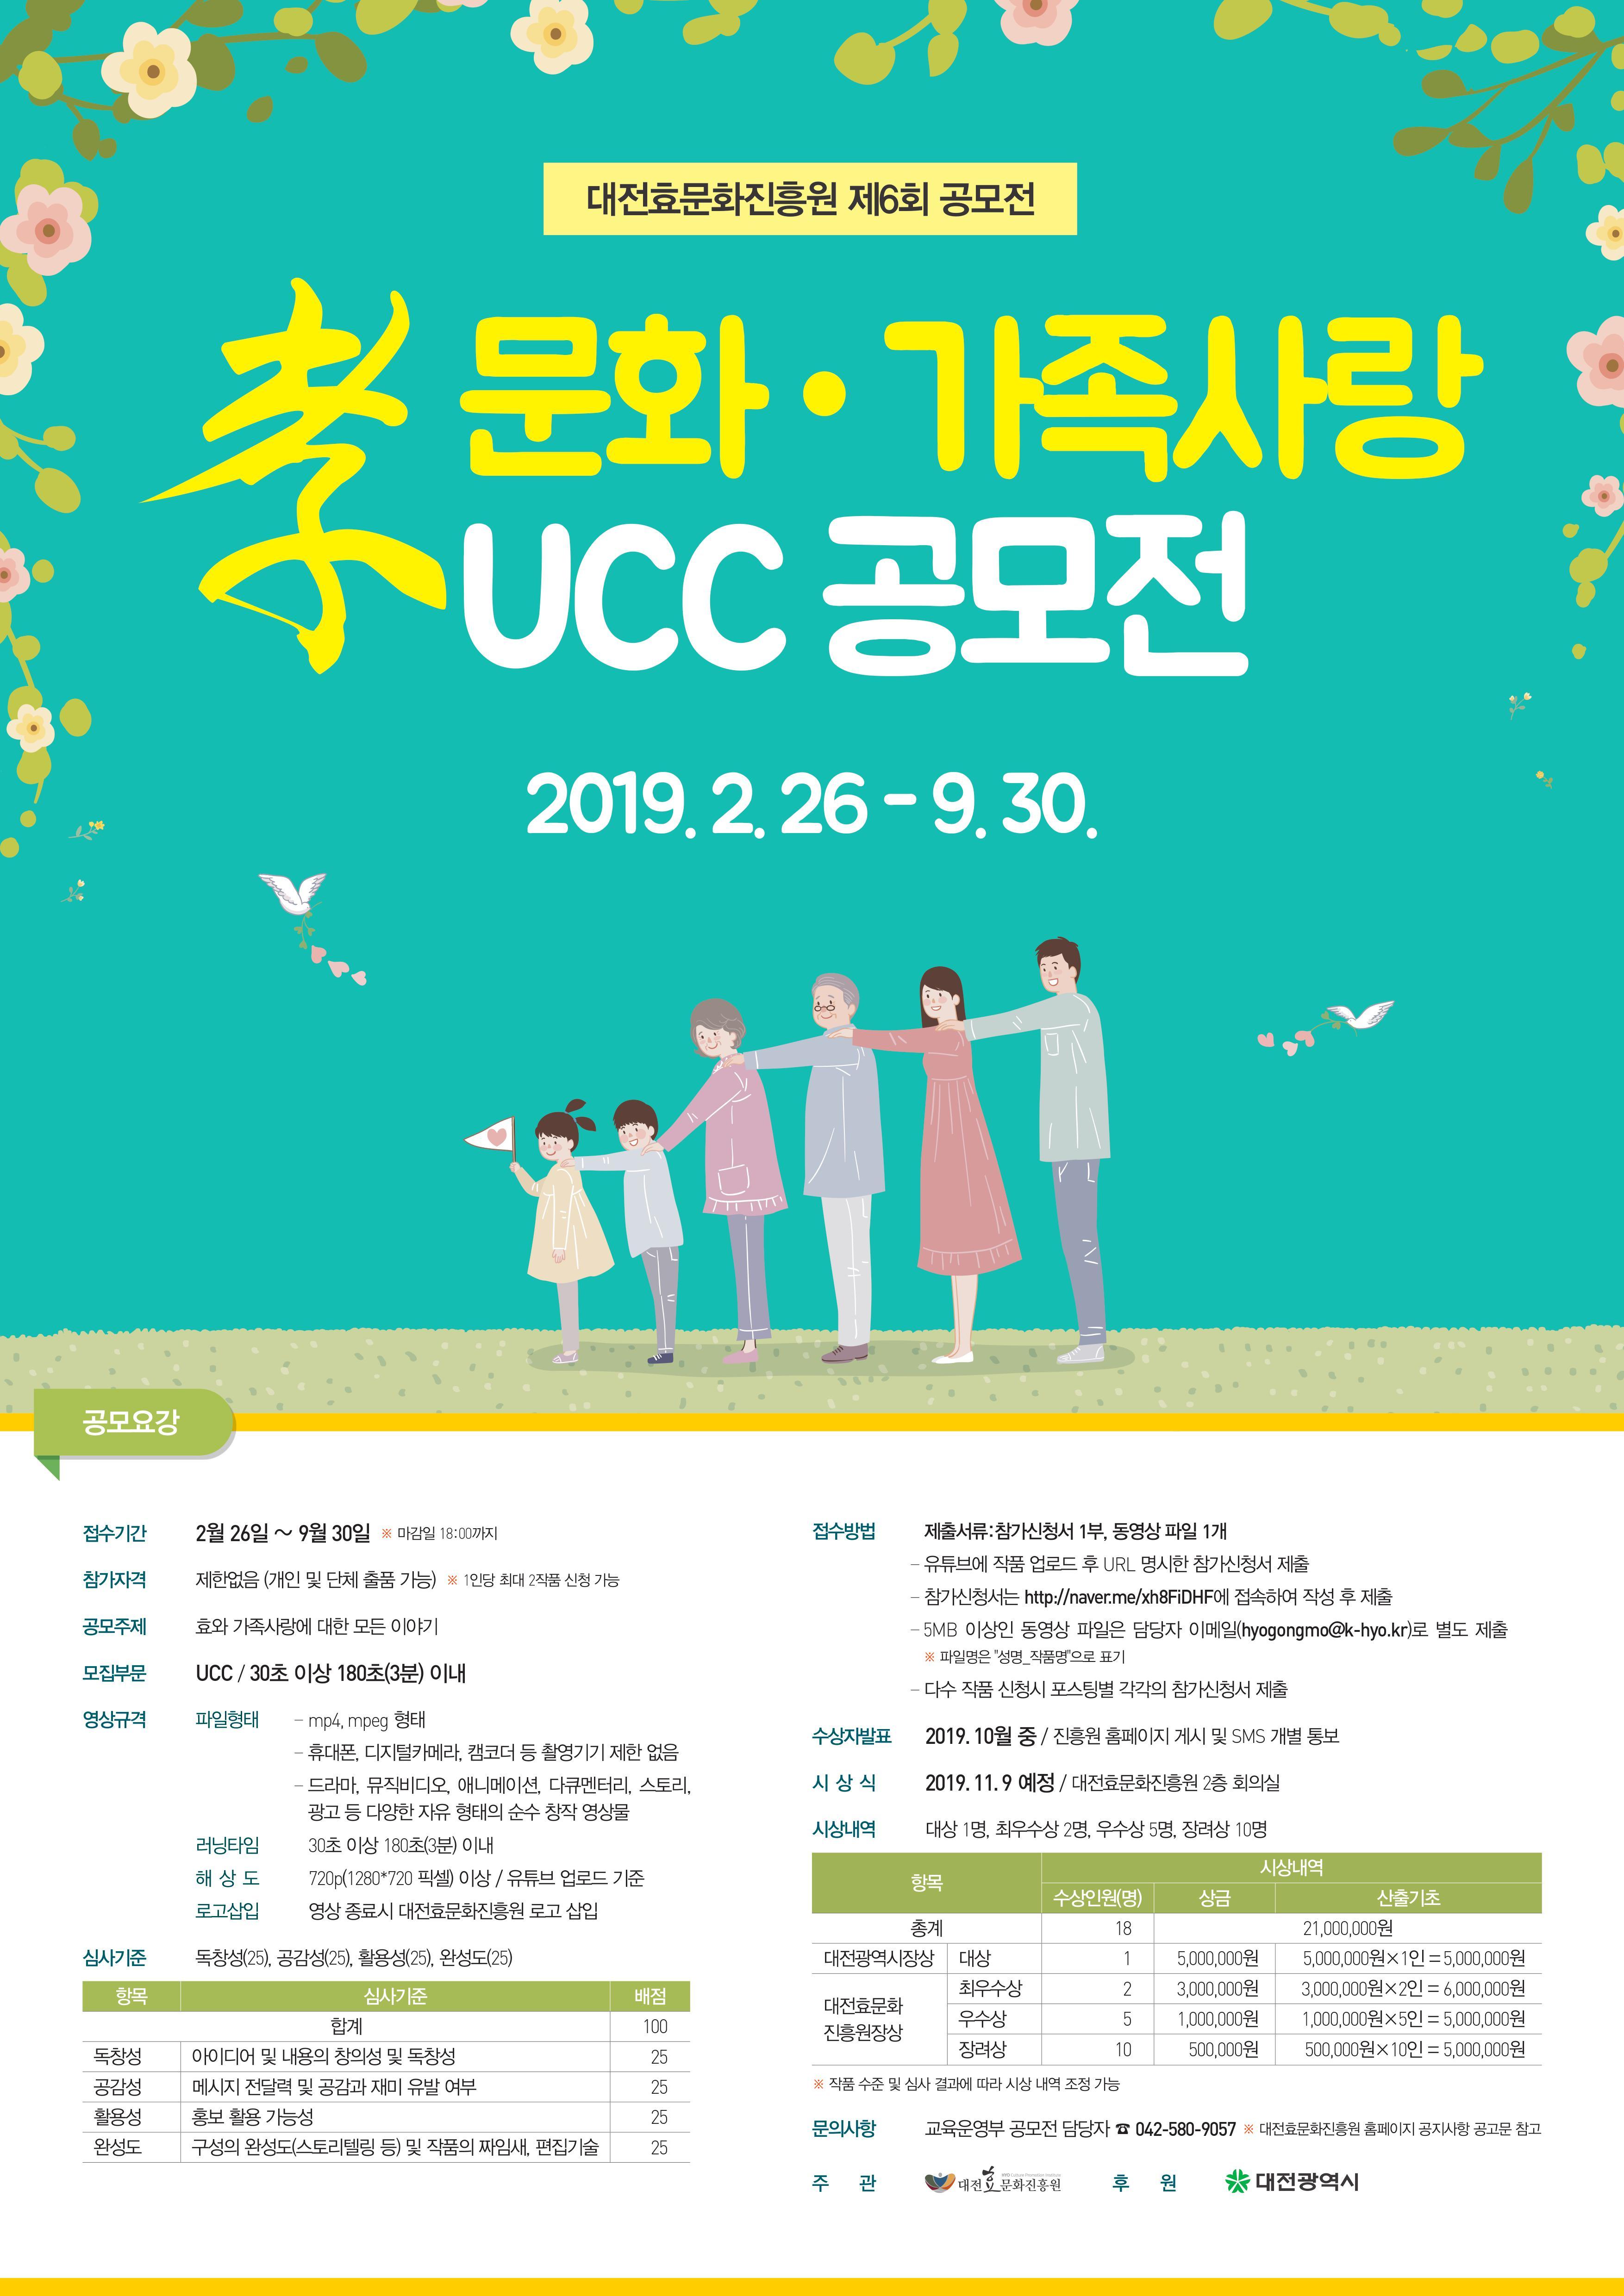 [대전효문화진흥원]제6회 효문화·가족사랑 UCC 공모전( ~ 9/30)